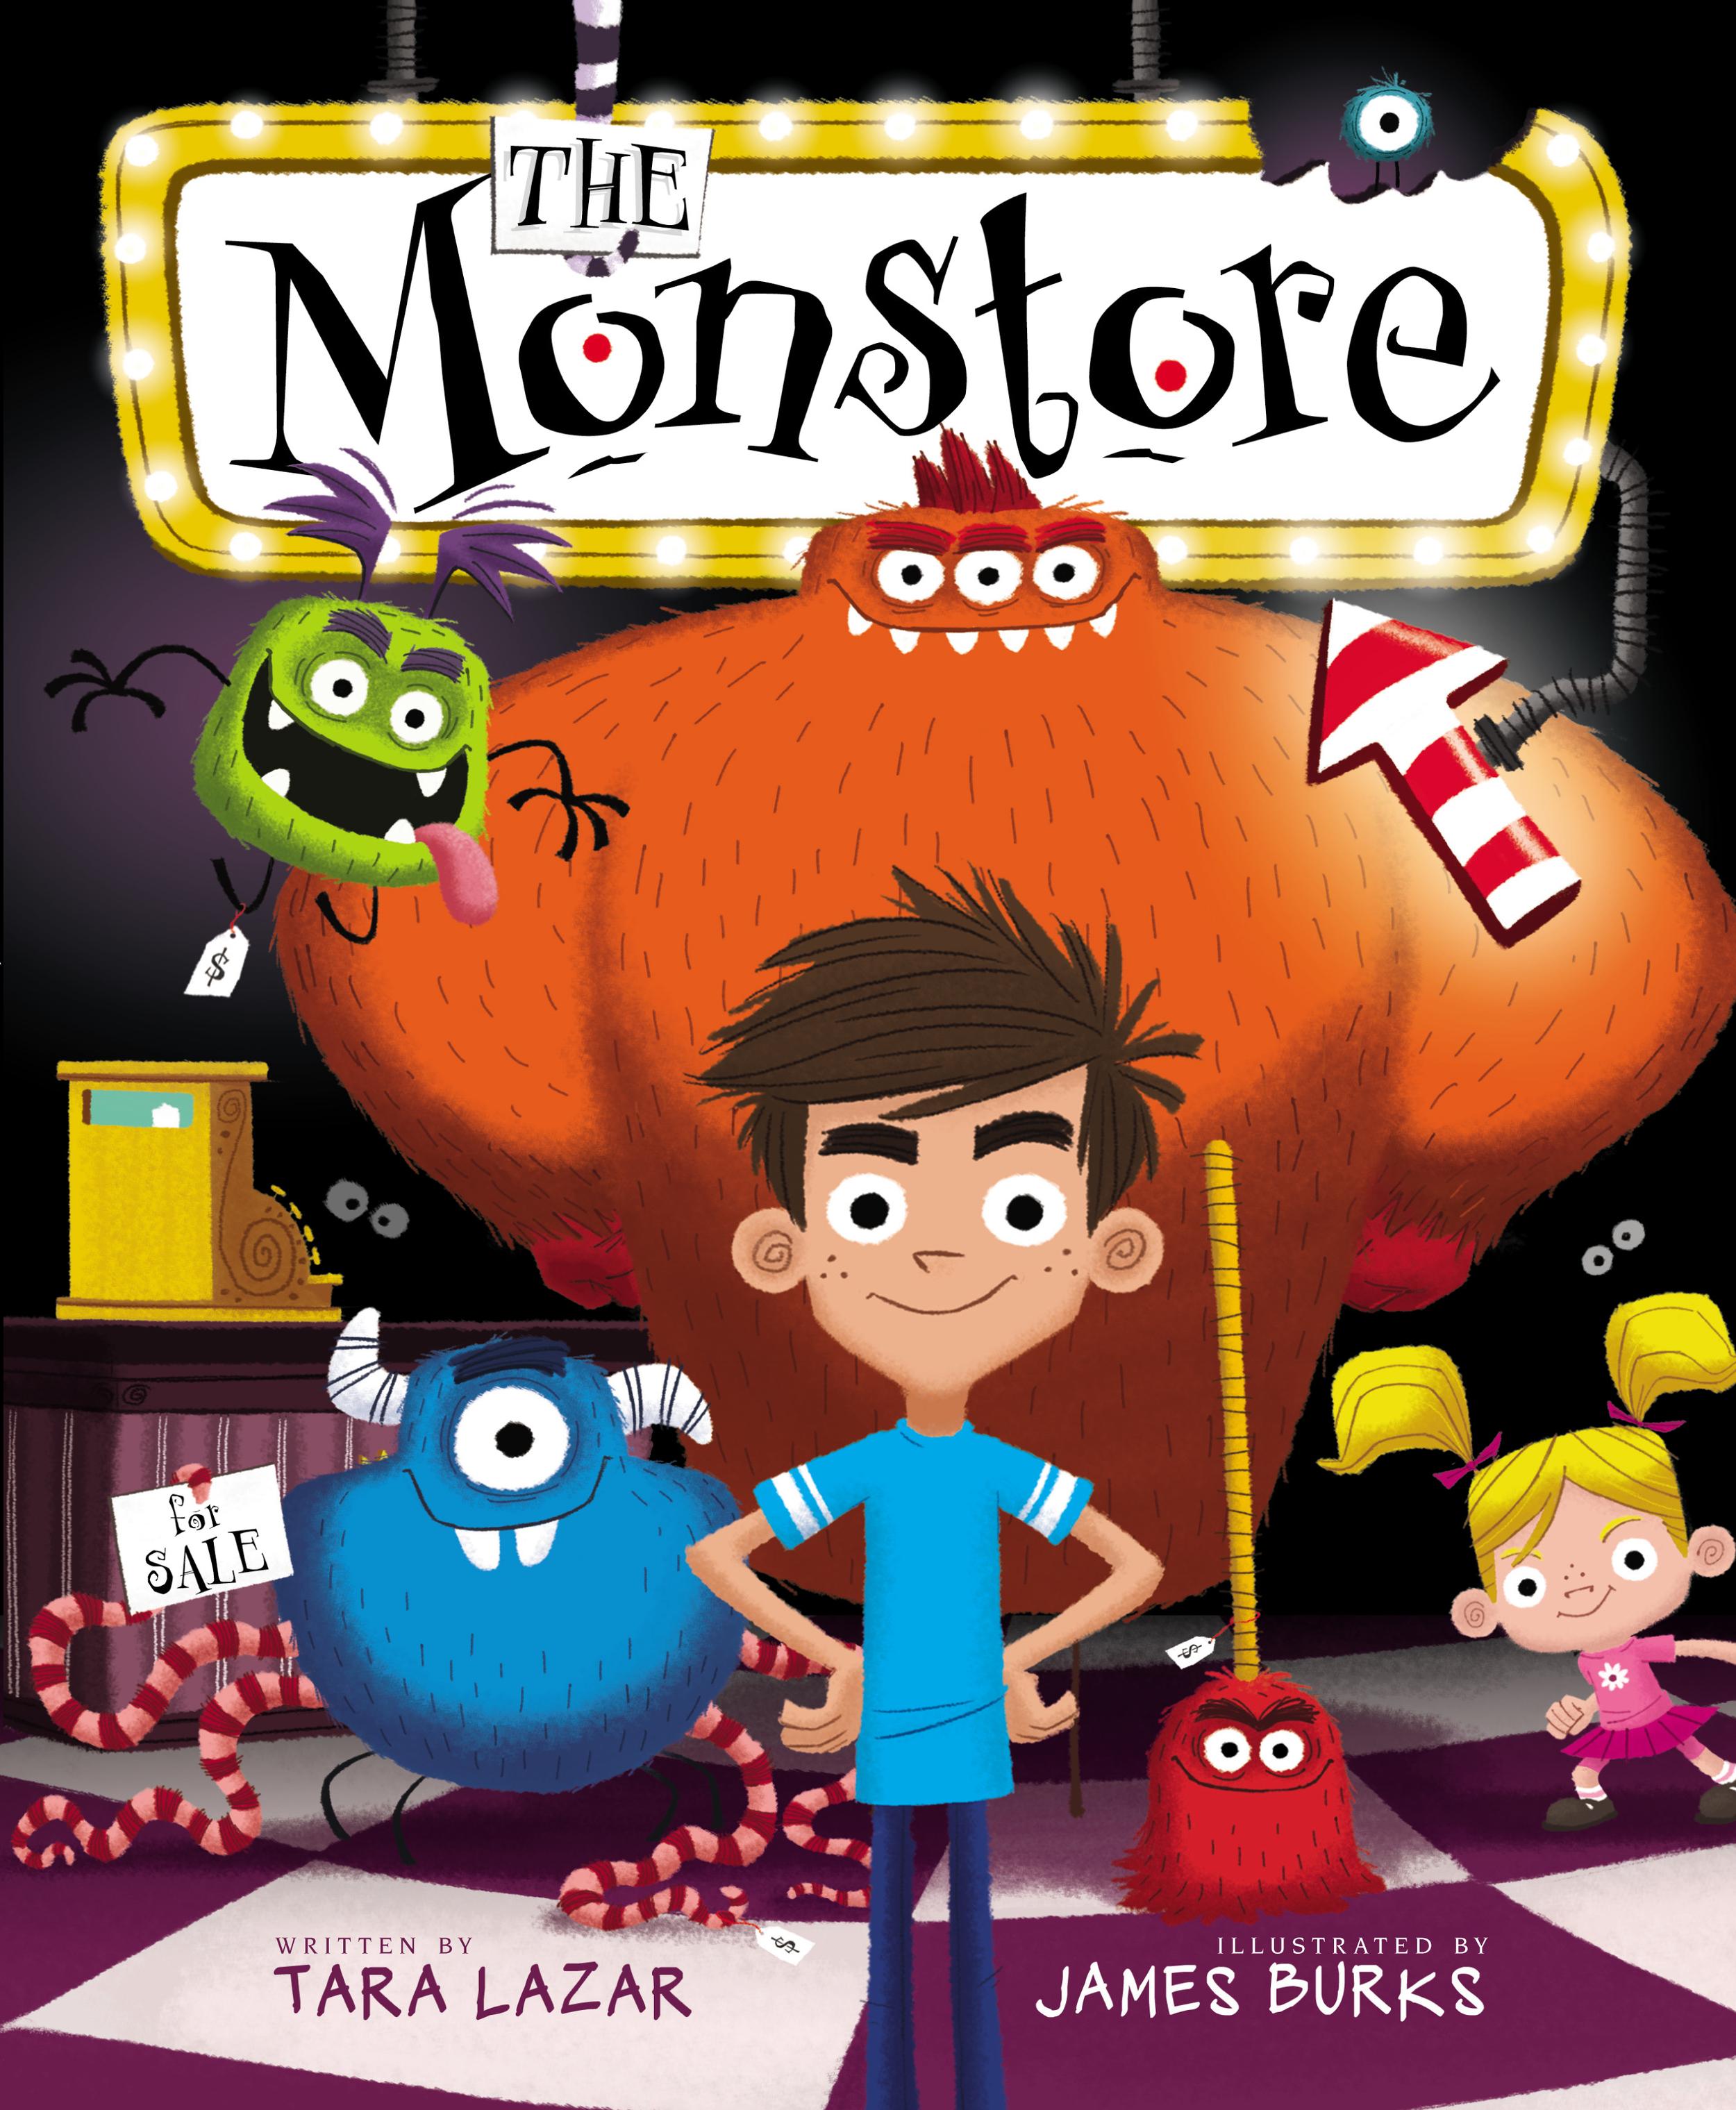 monstore_cover.jpg